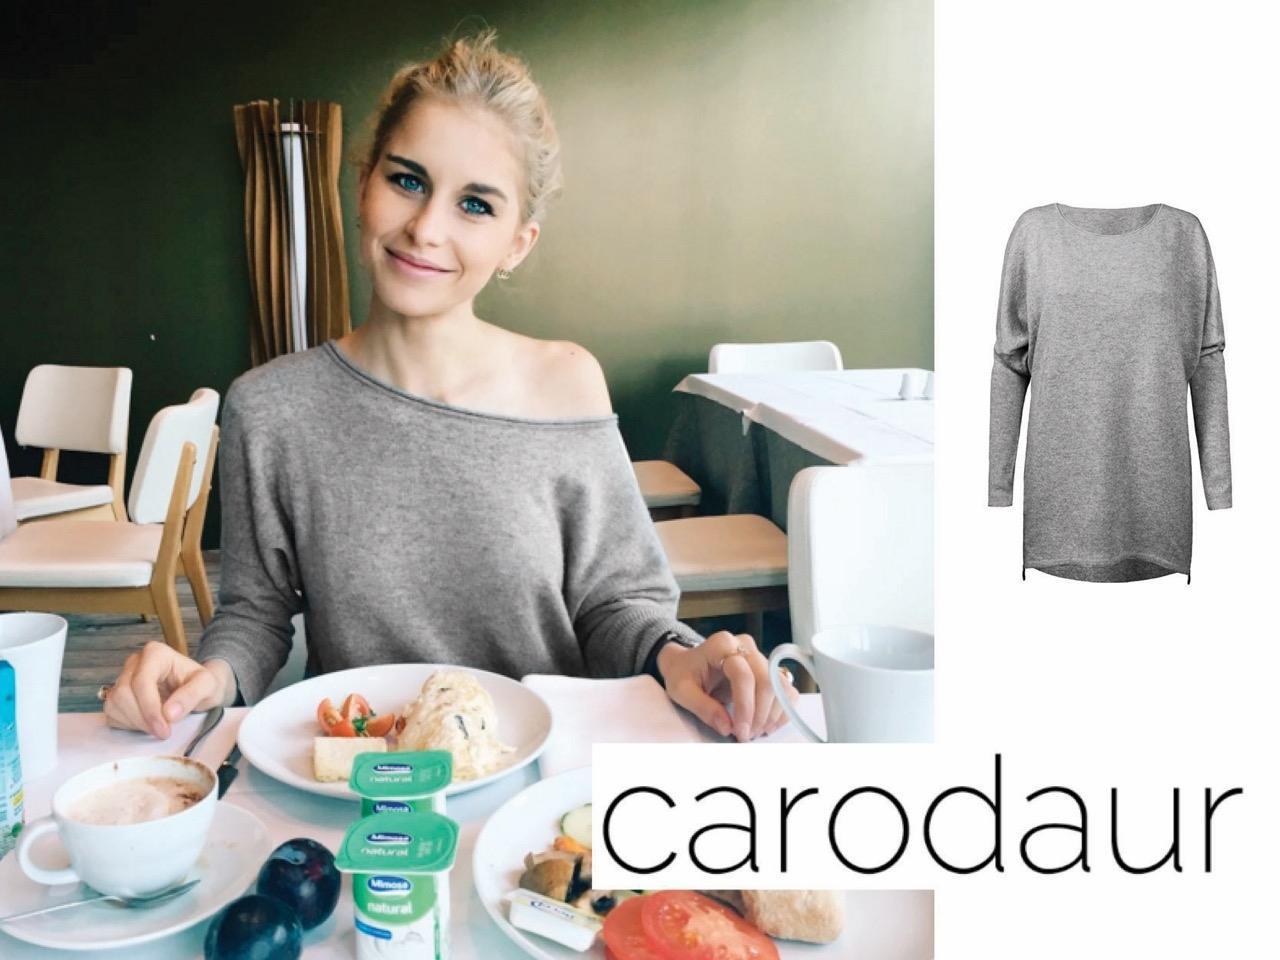 CaroDaur-1